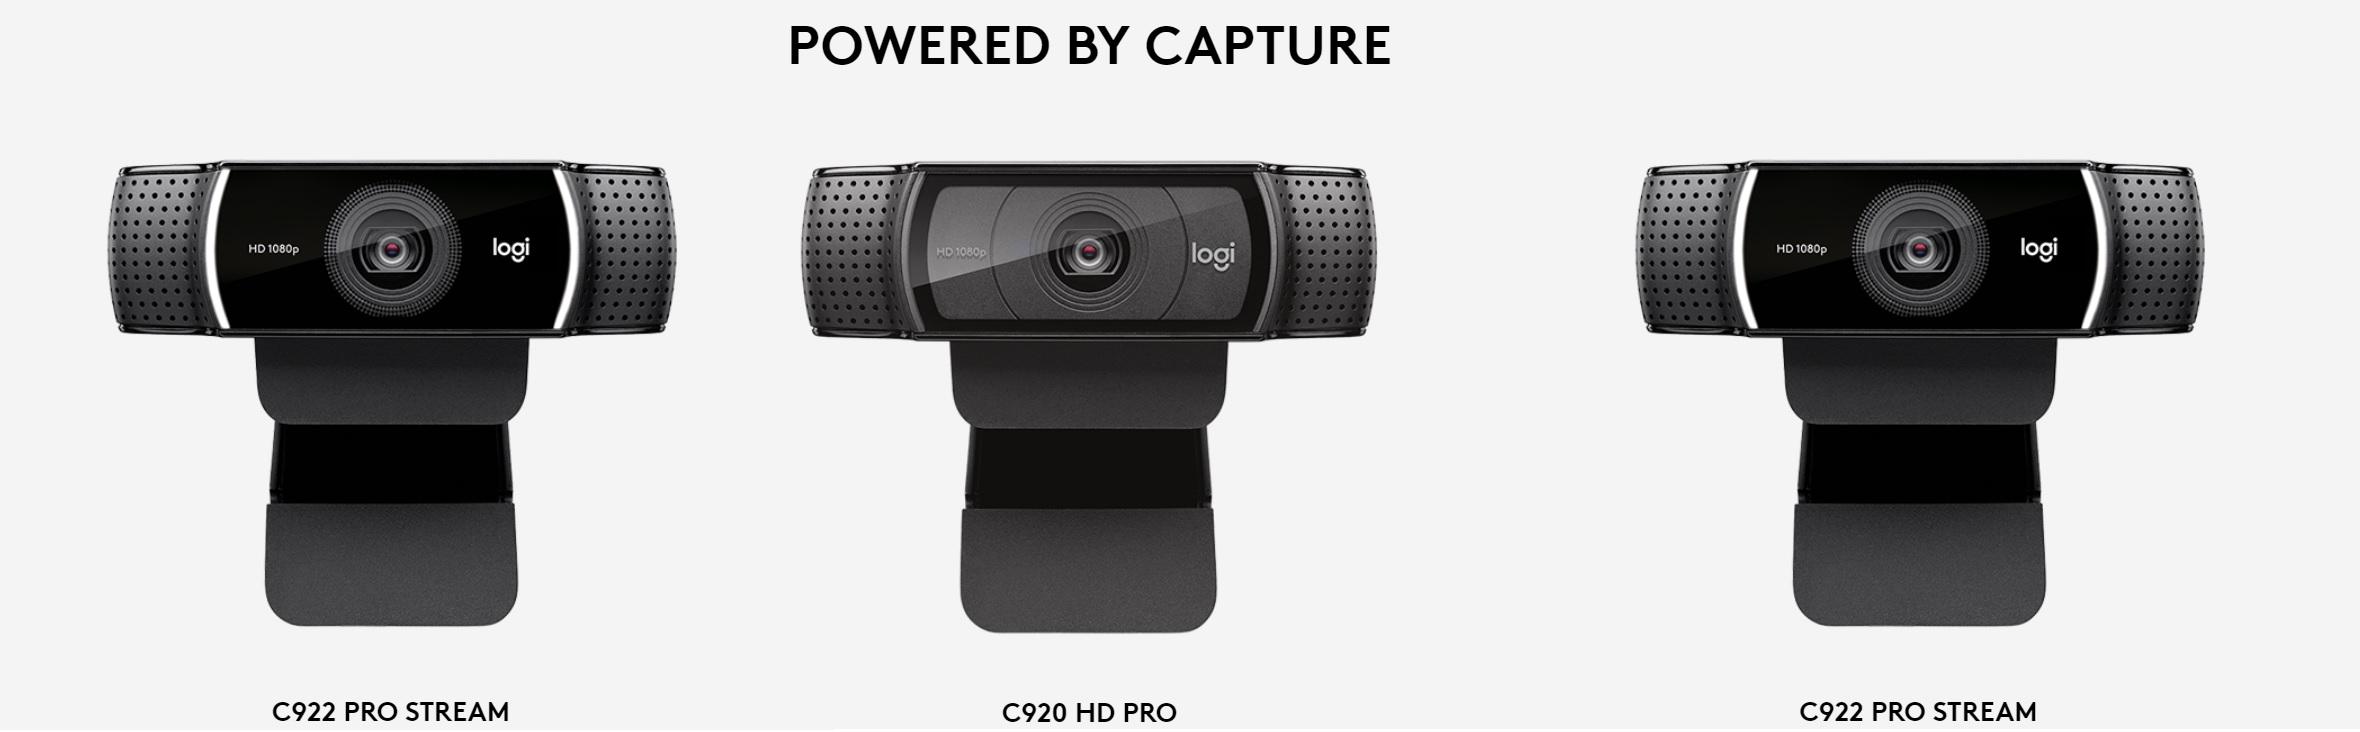 Logi Capture Cameras supported